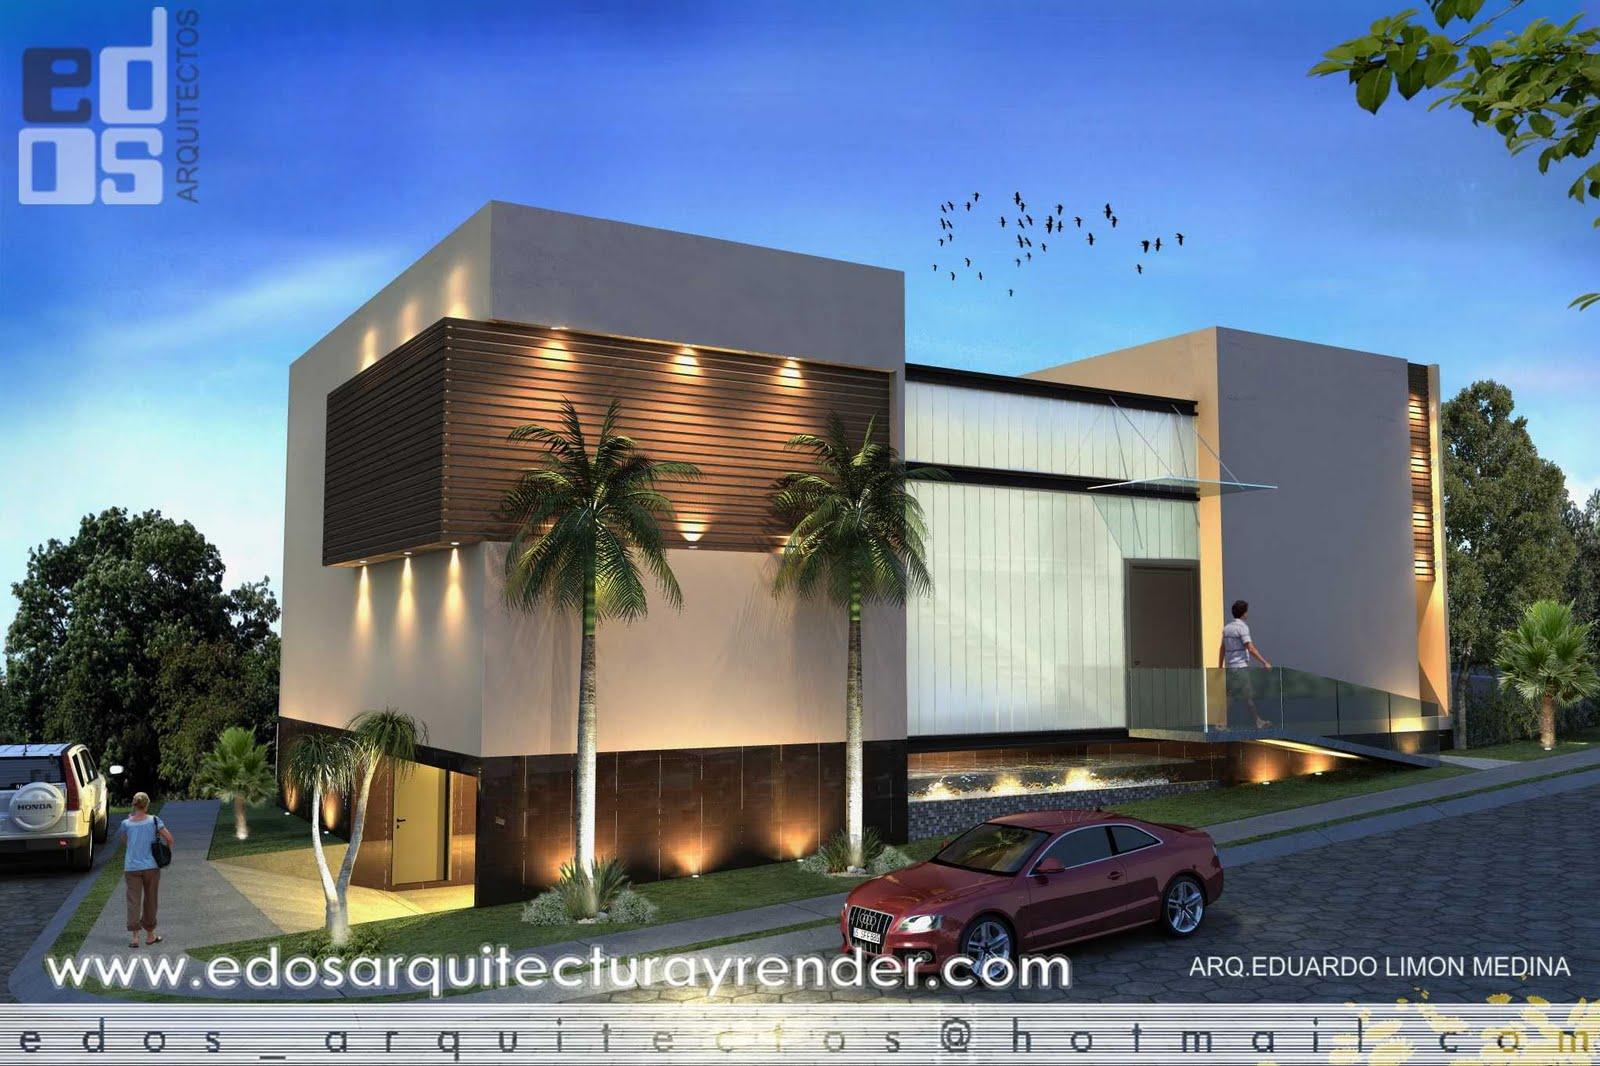 Edos arquitectos algunos proyectos realizados por nuestro for Arquitectura de proyectos